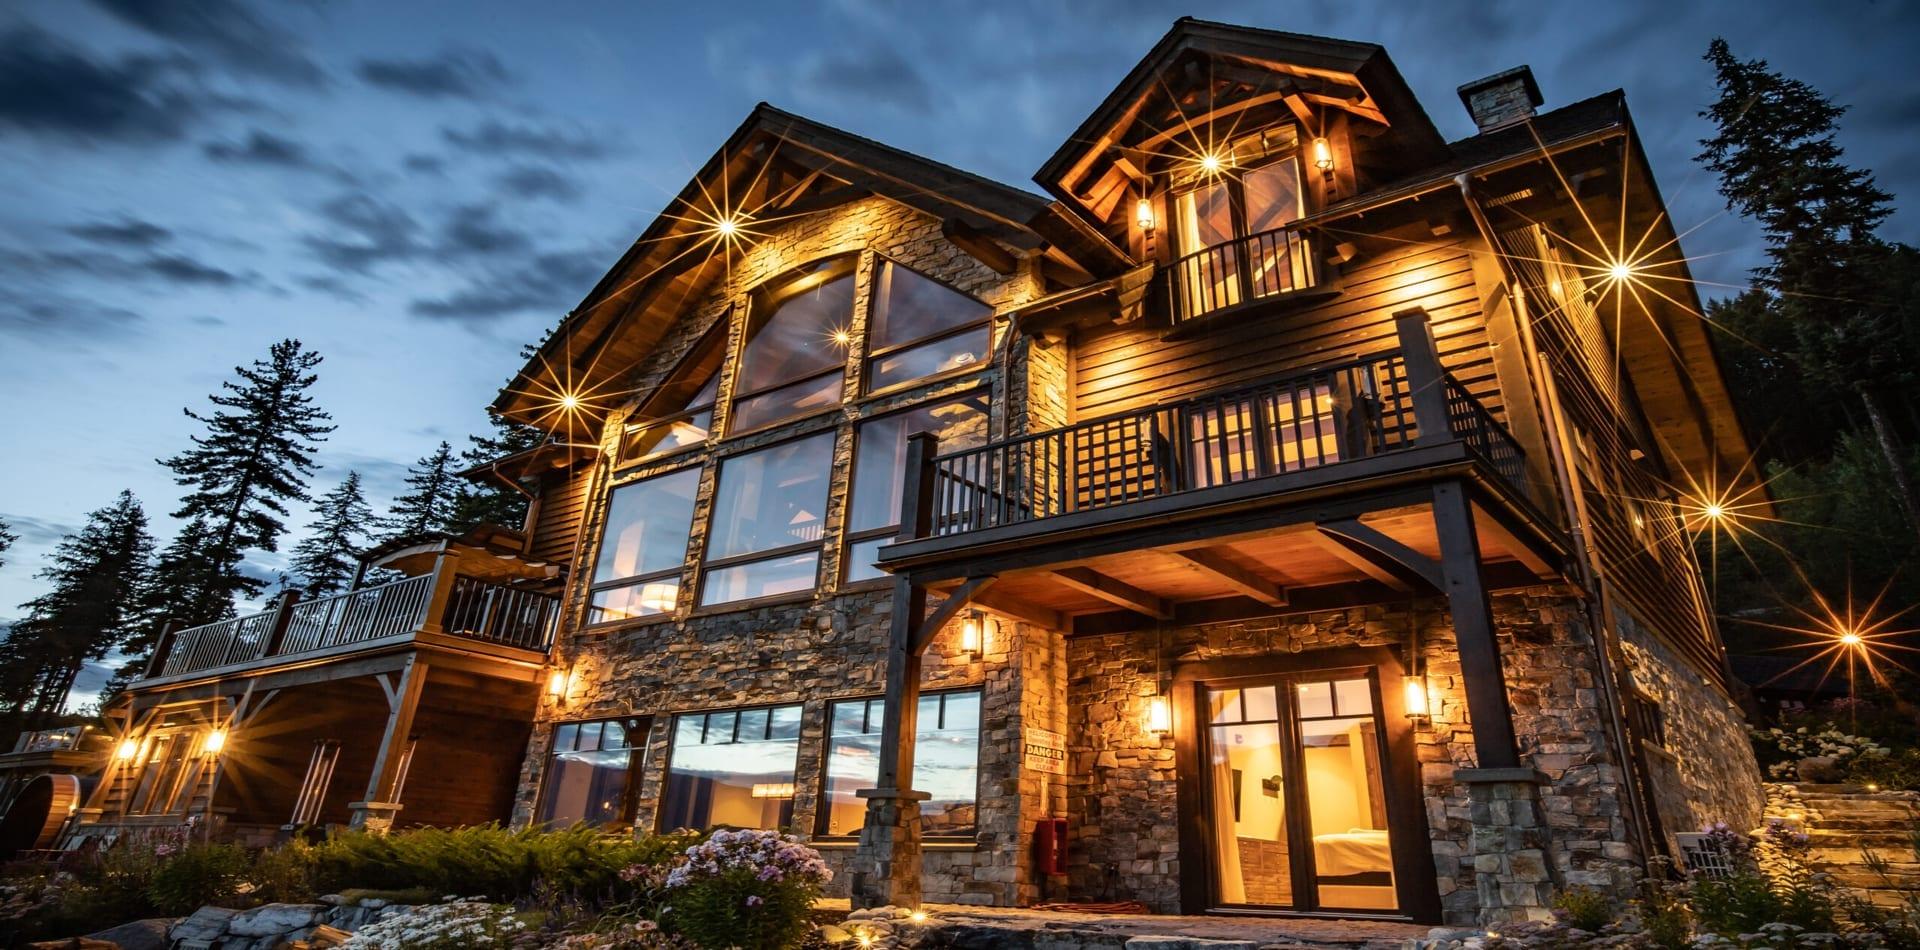 HERO Bison Lodge Exterior Lights